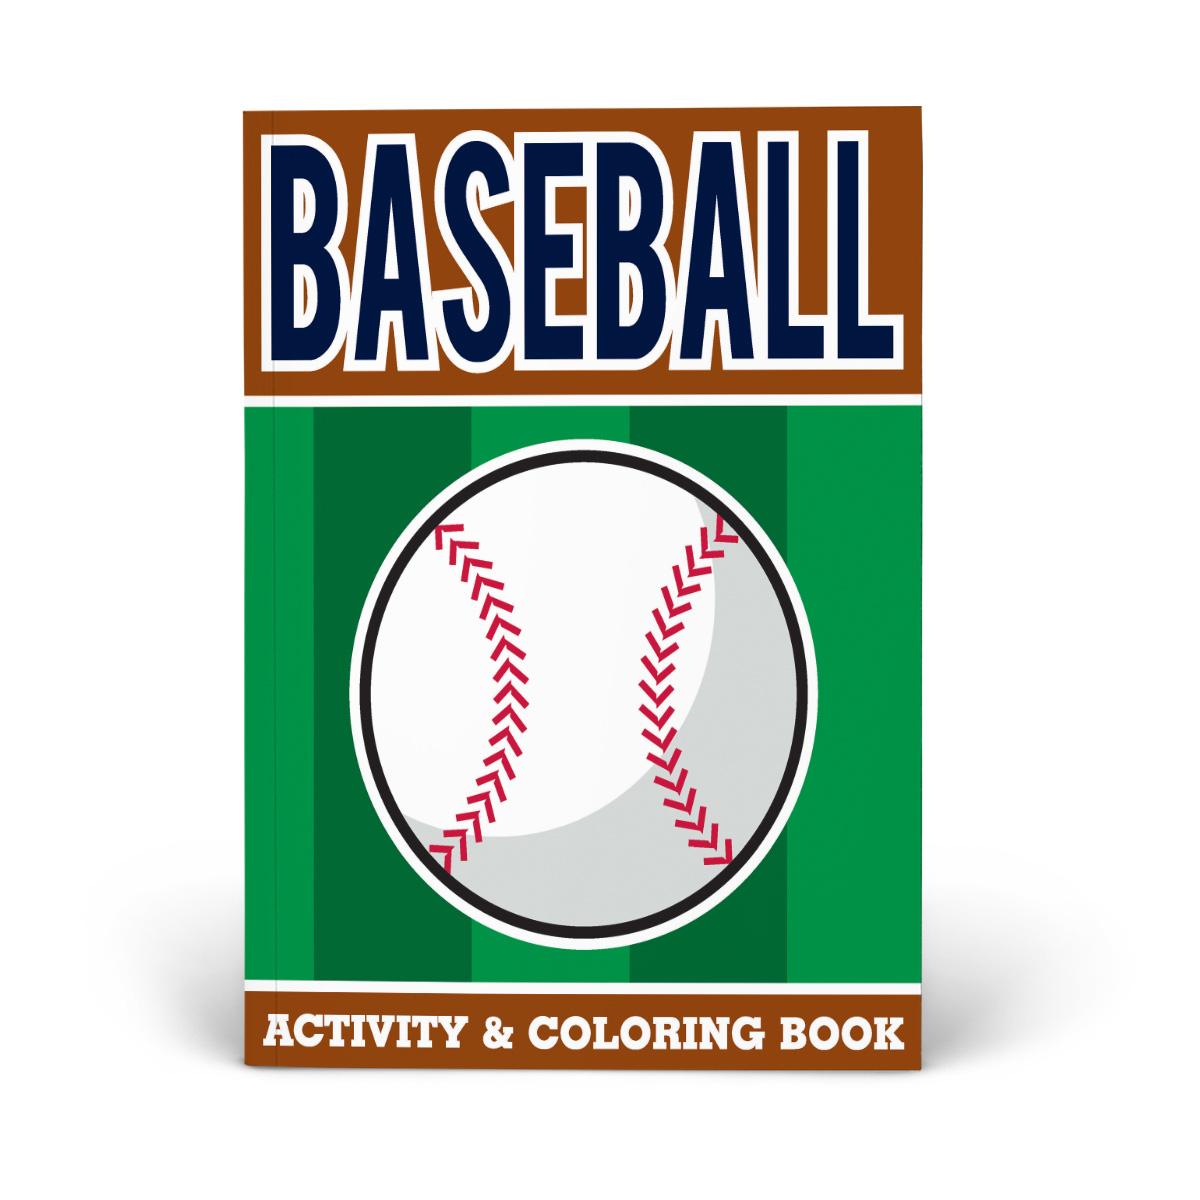 Baseball Activity & Coloring Book